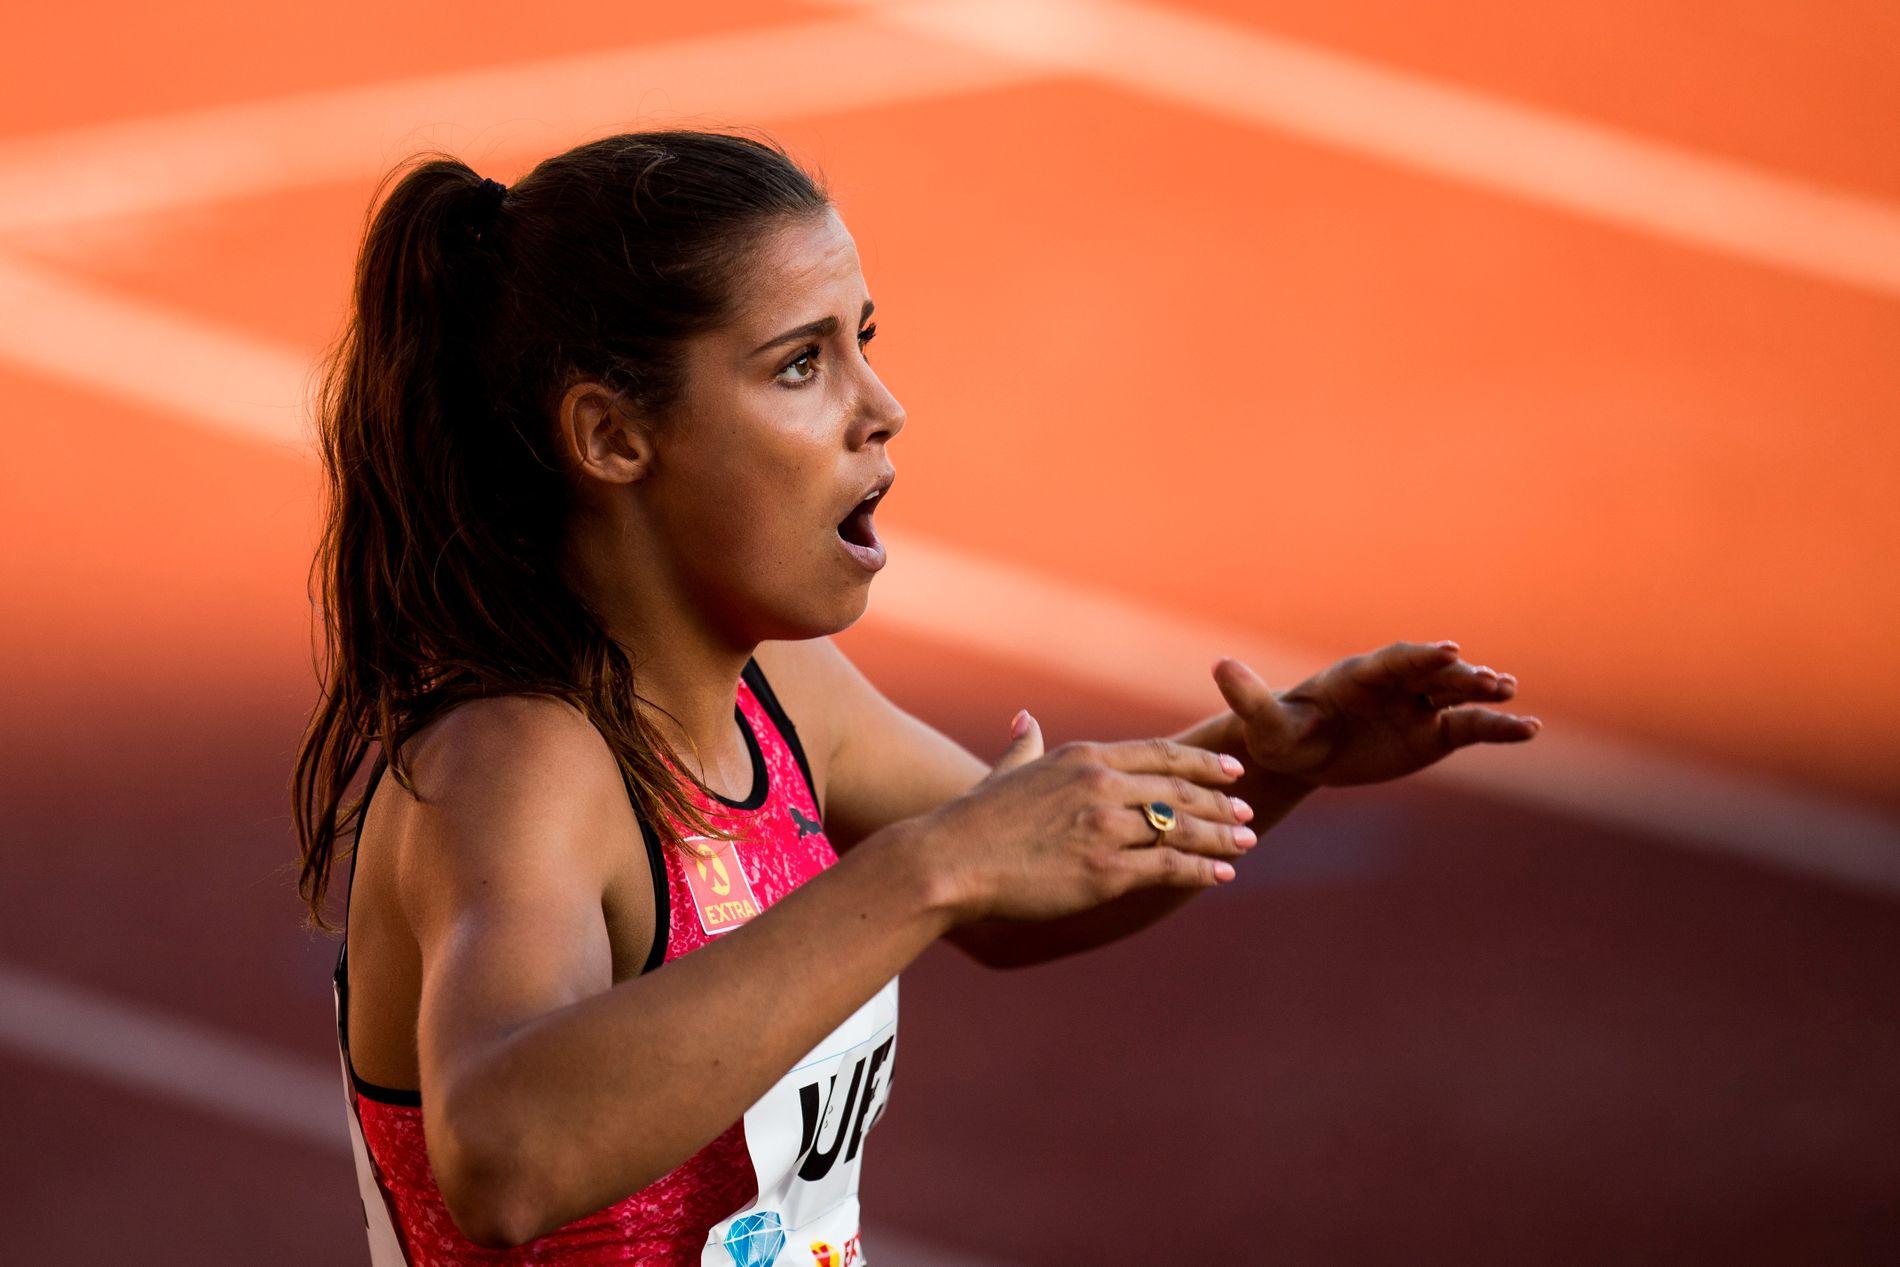 Amalie Iuel var strålende fornøyd med å sette personlig rekord på Bislett Games i fjor.